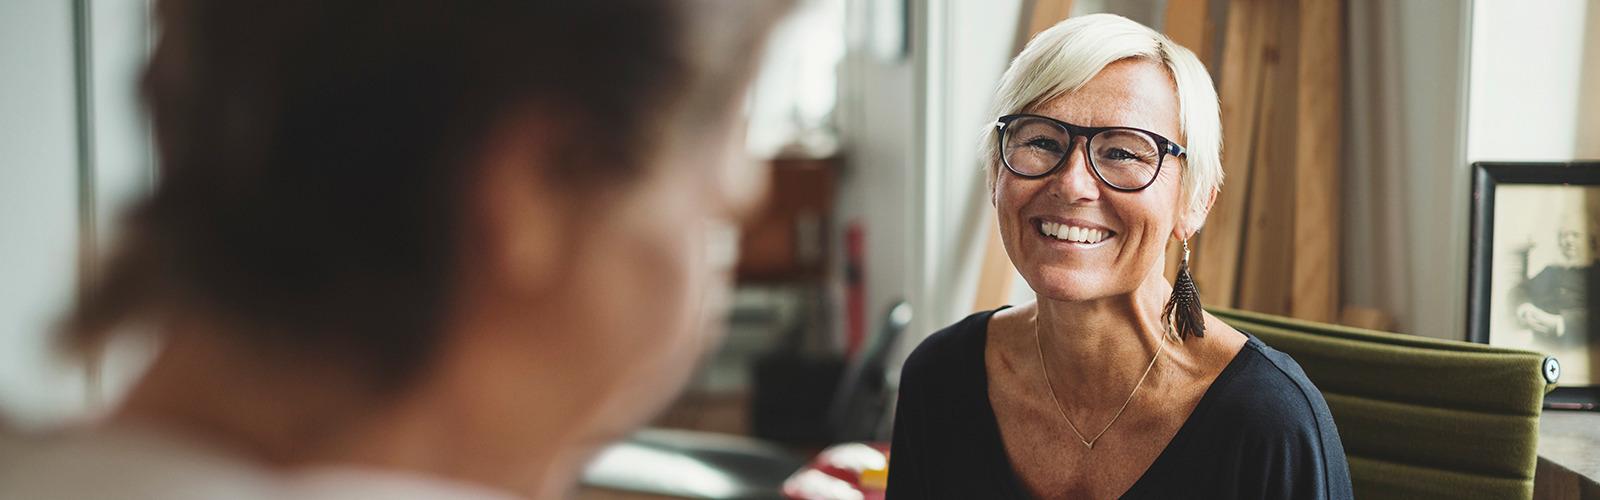 Счастливая пожилая женщина беседует с коллегой